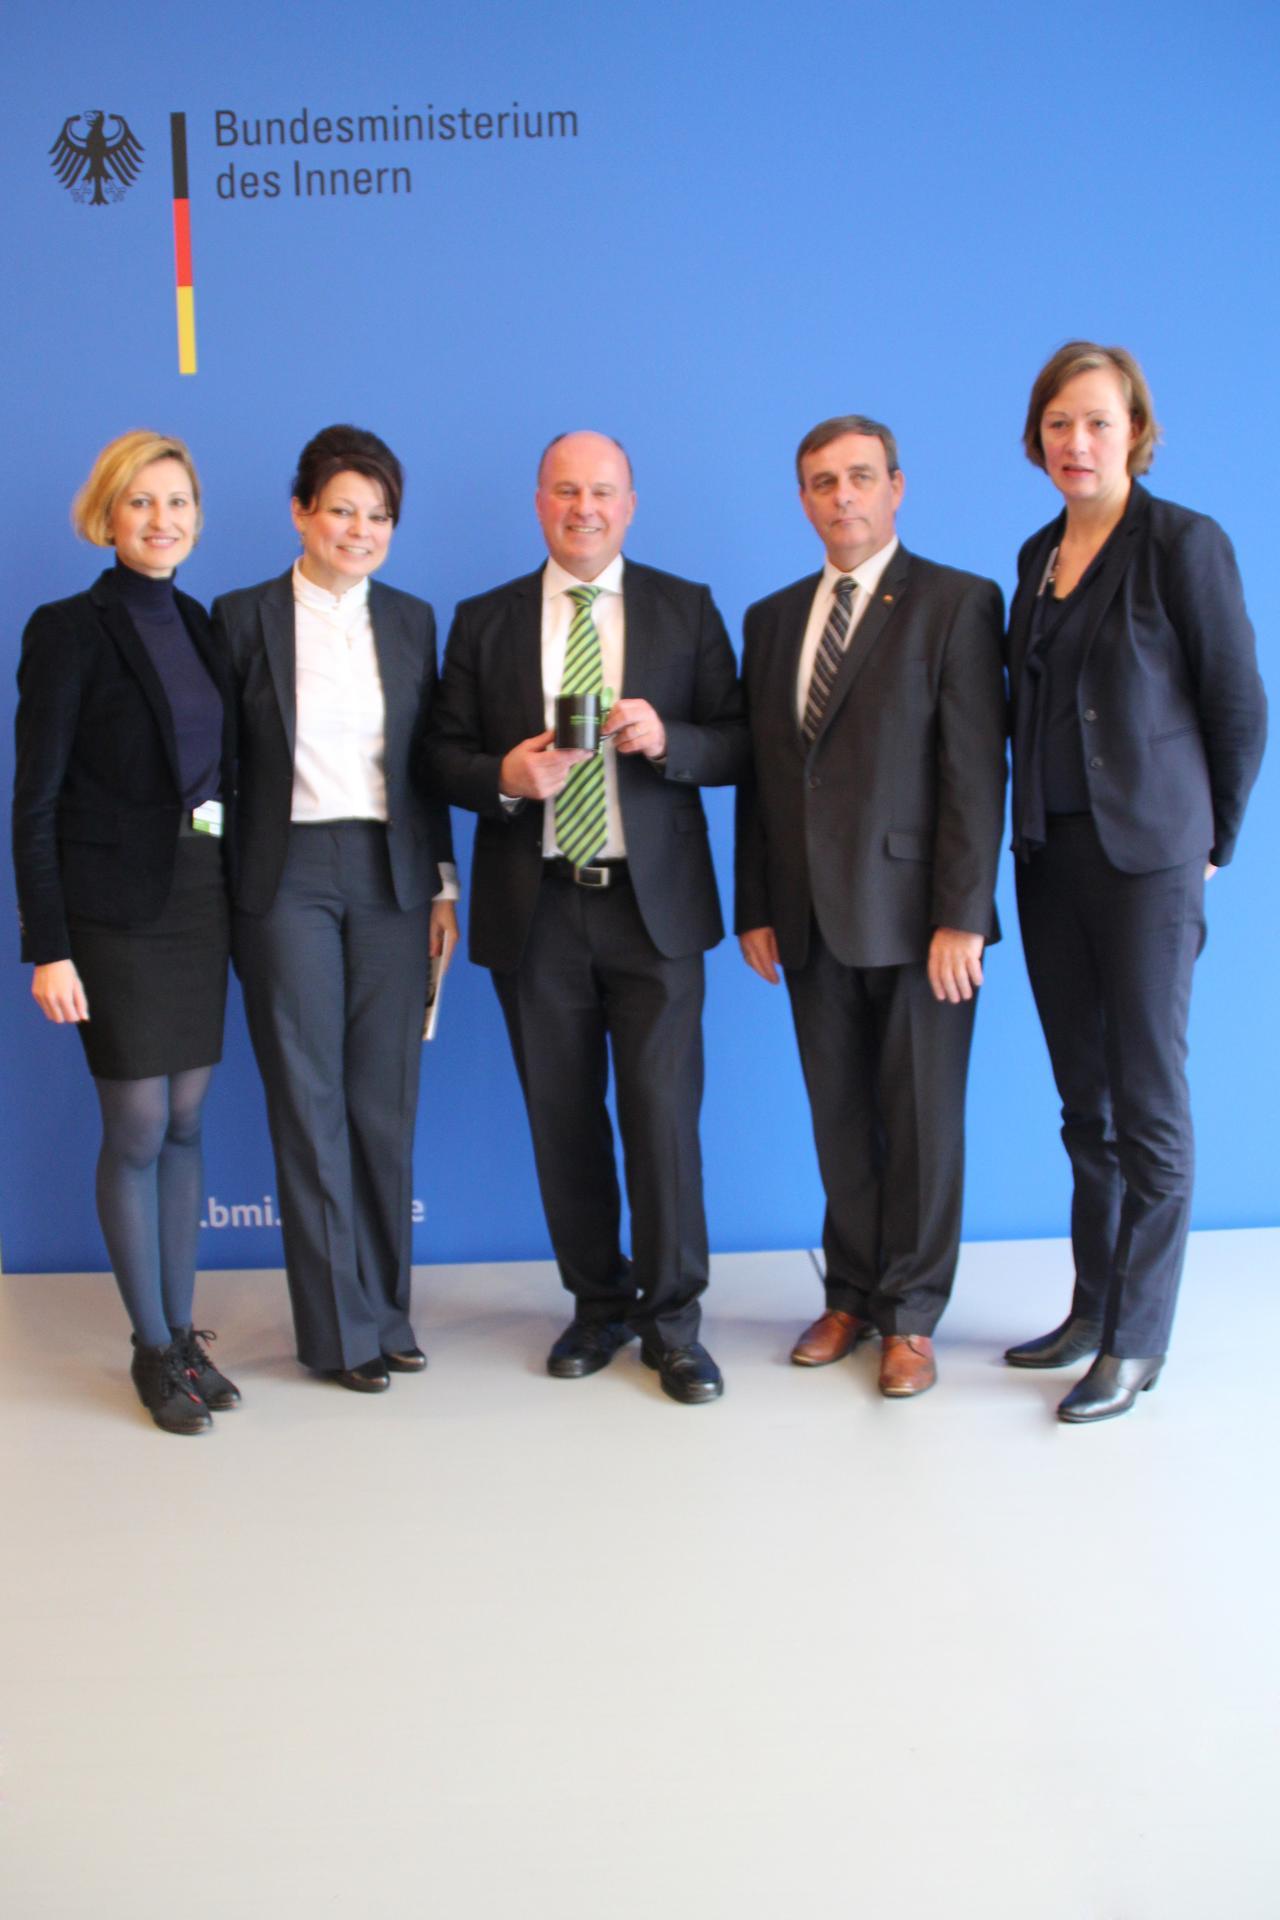 Grünes Licht für die kommenden 25. Jahre -  Jubiläumstagung in Berlin